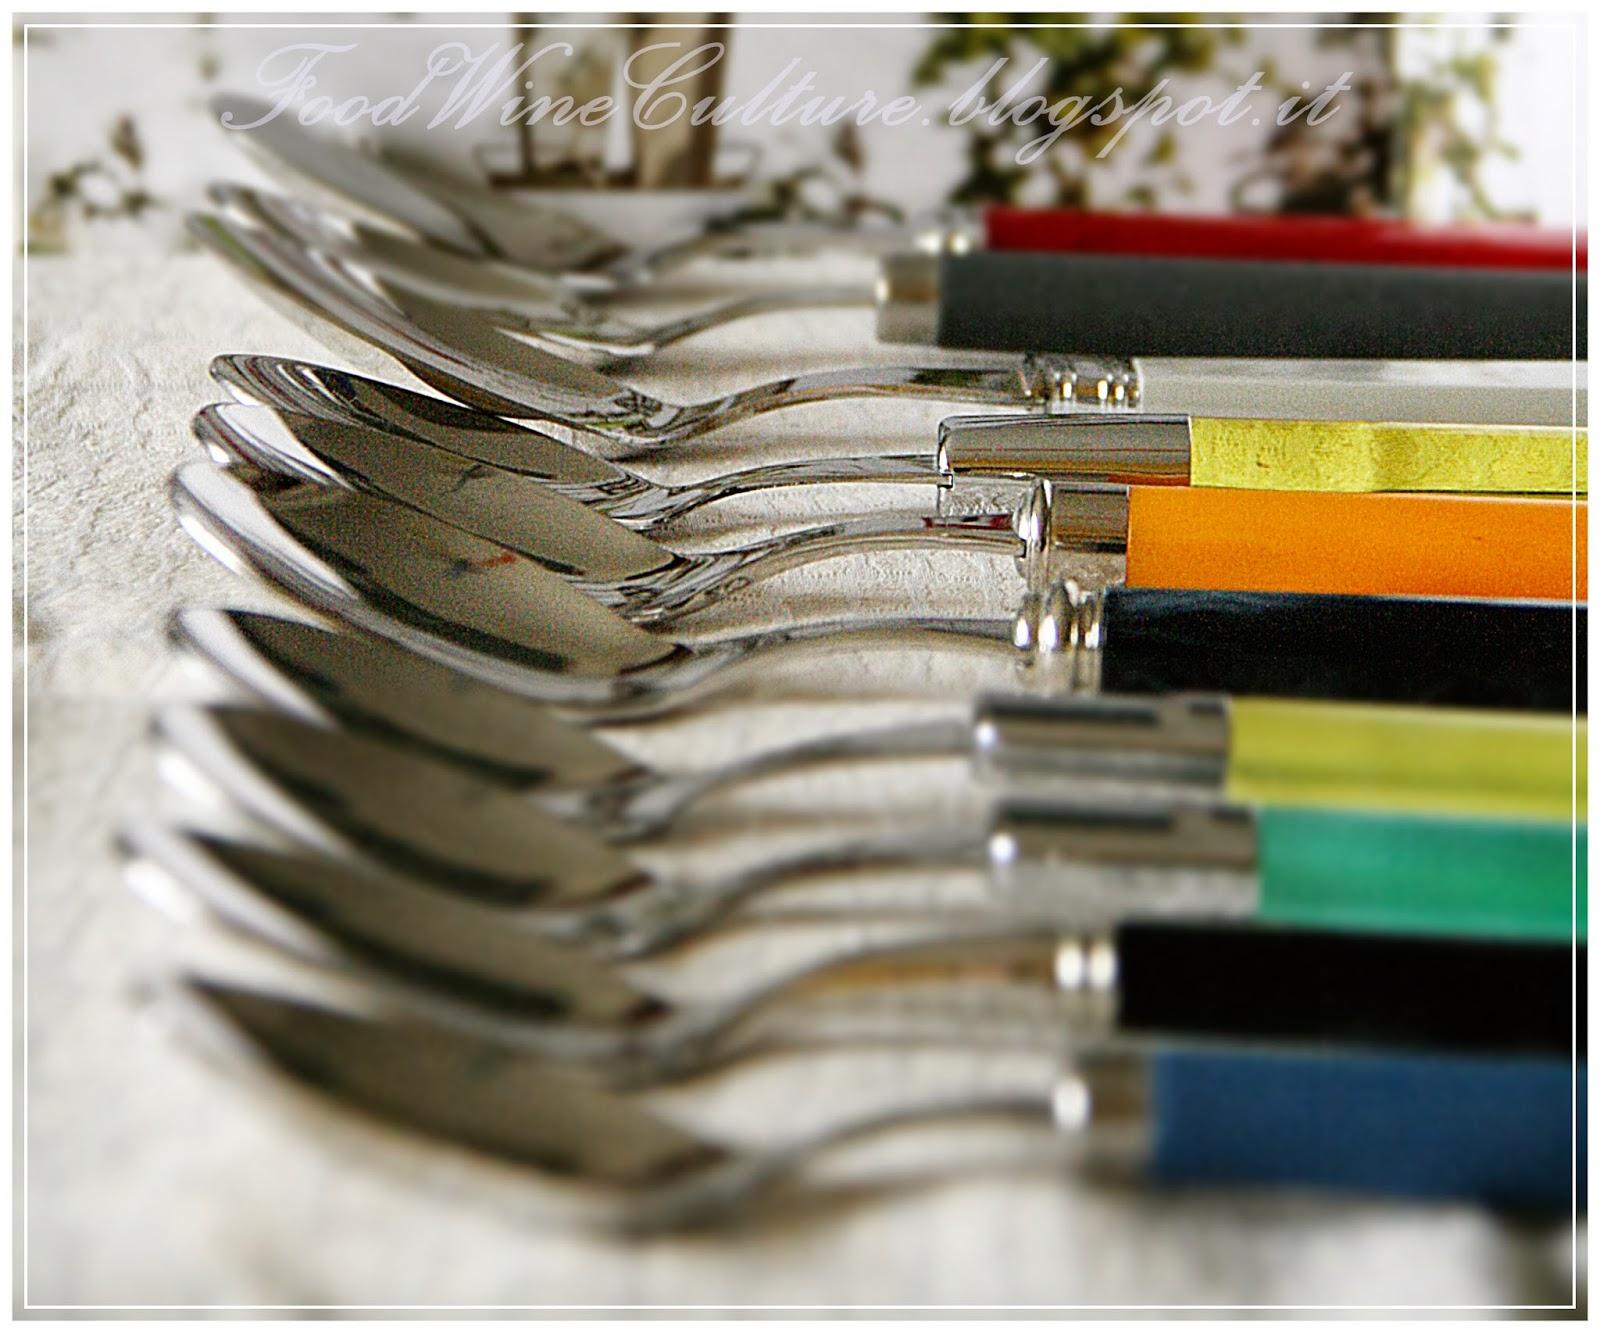 Food Styling e Tecniche di Servizio con gli oggetti della Casa di Menini di Sestri Levante